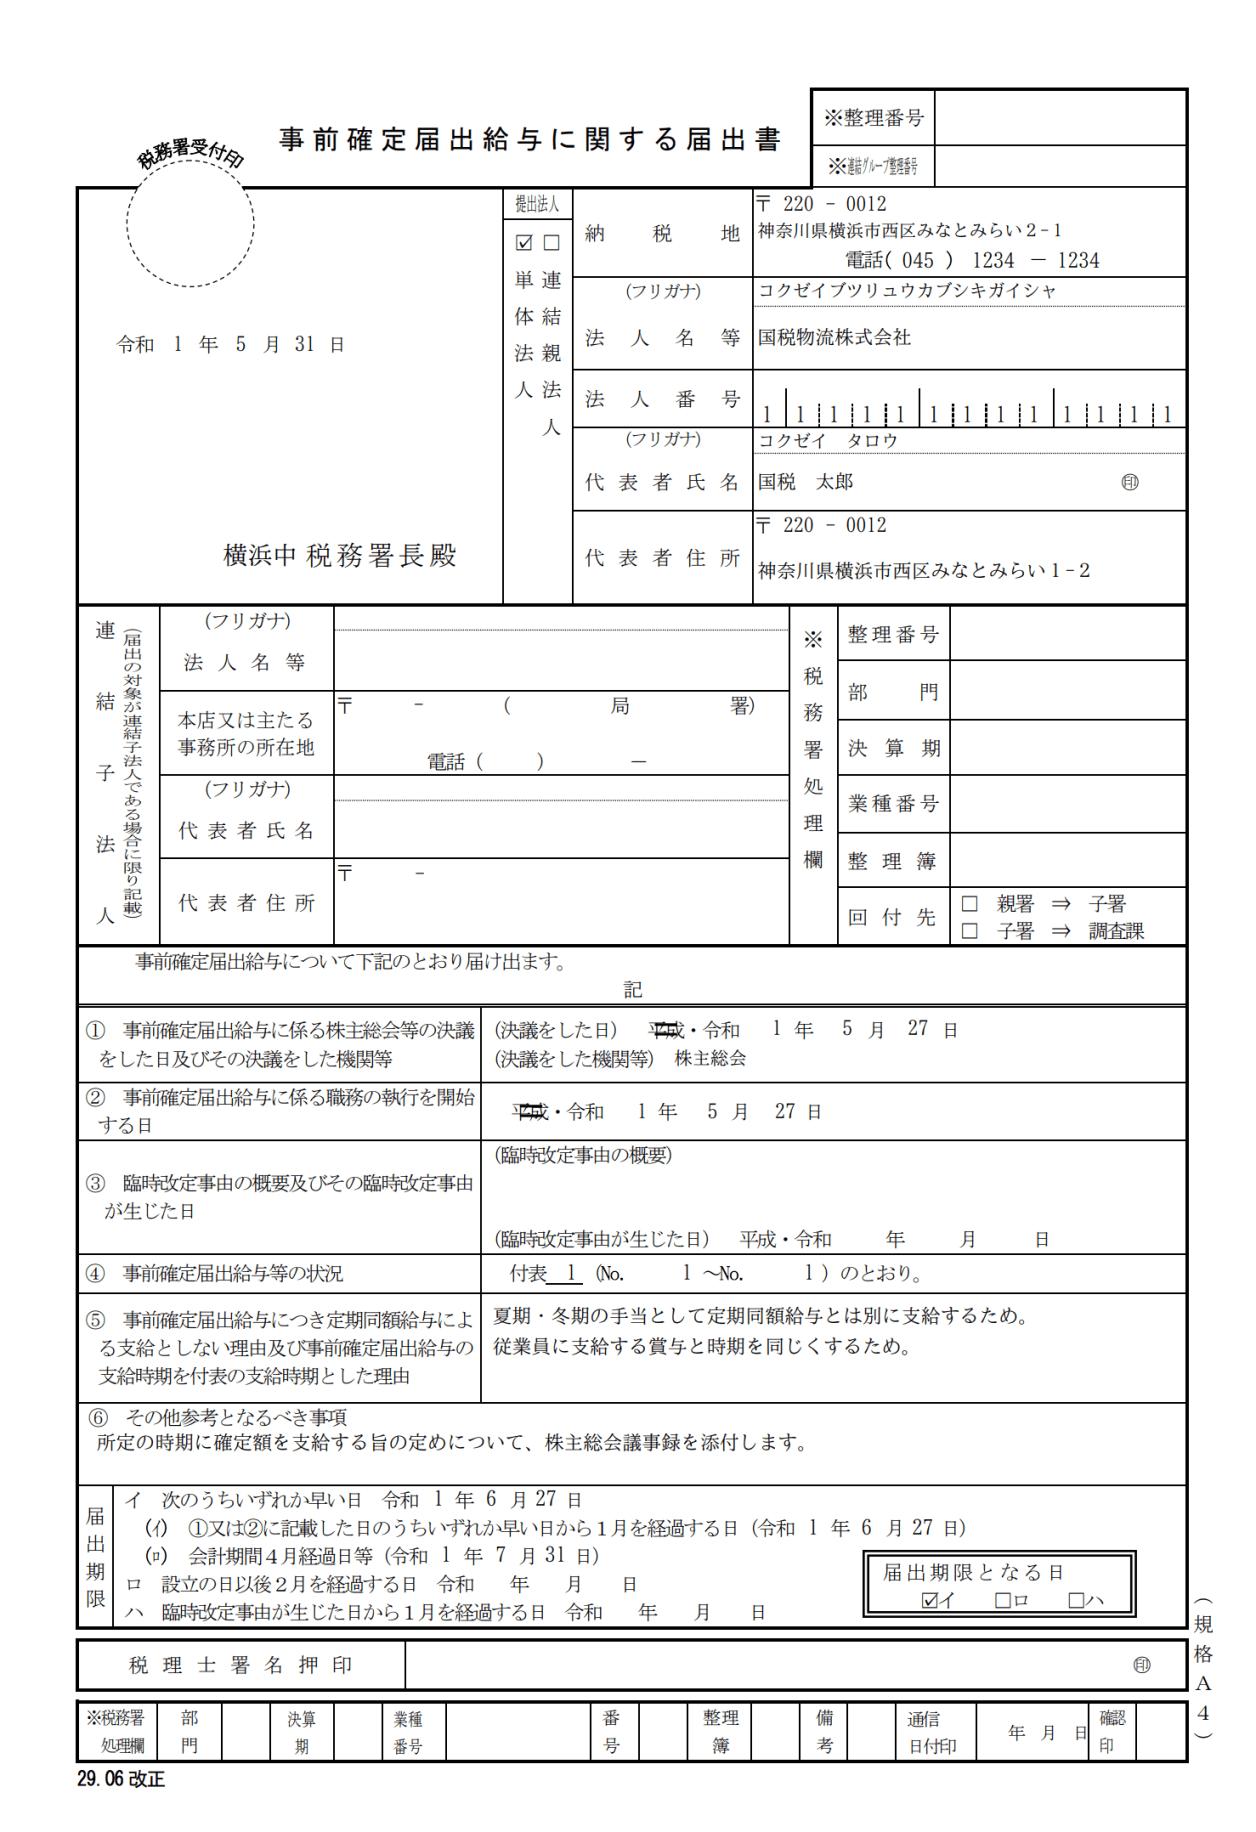 事前確定届出給与に関する届出書(本表)の記載例